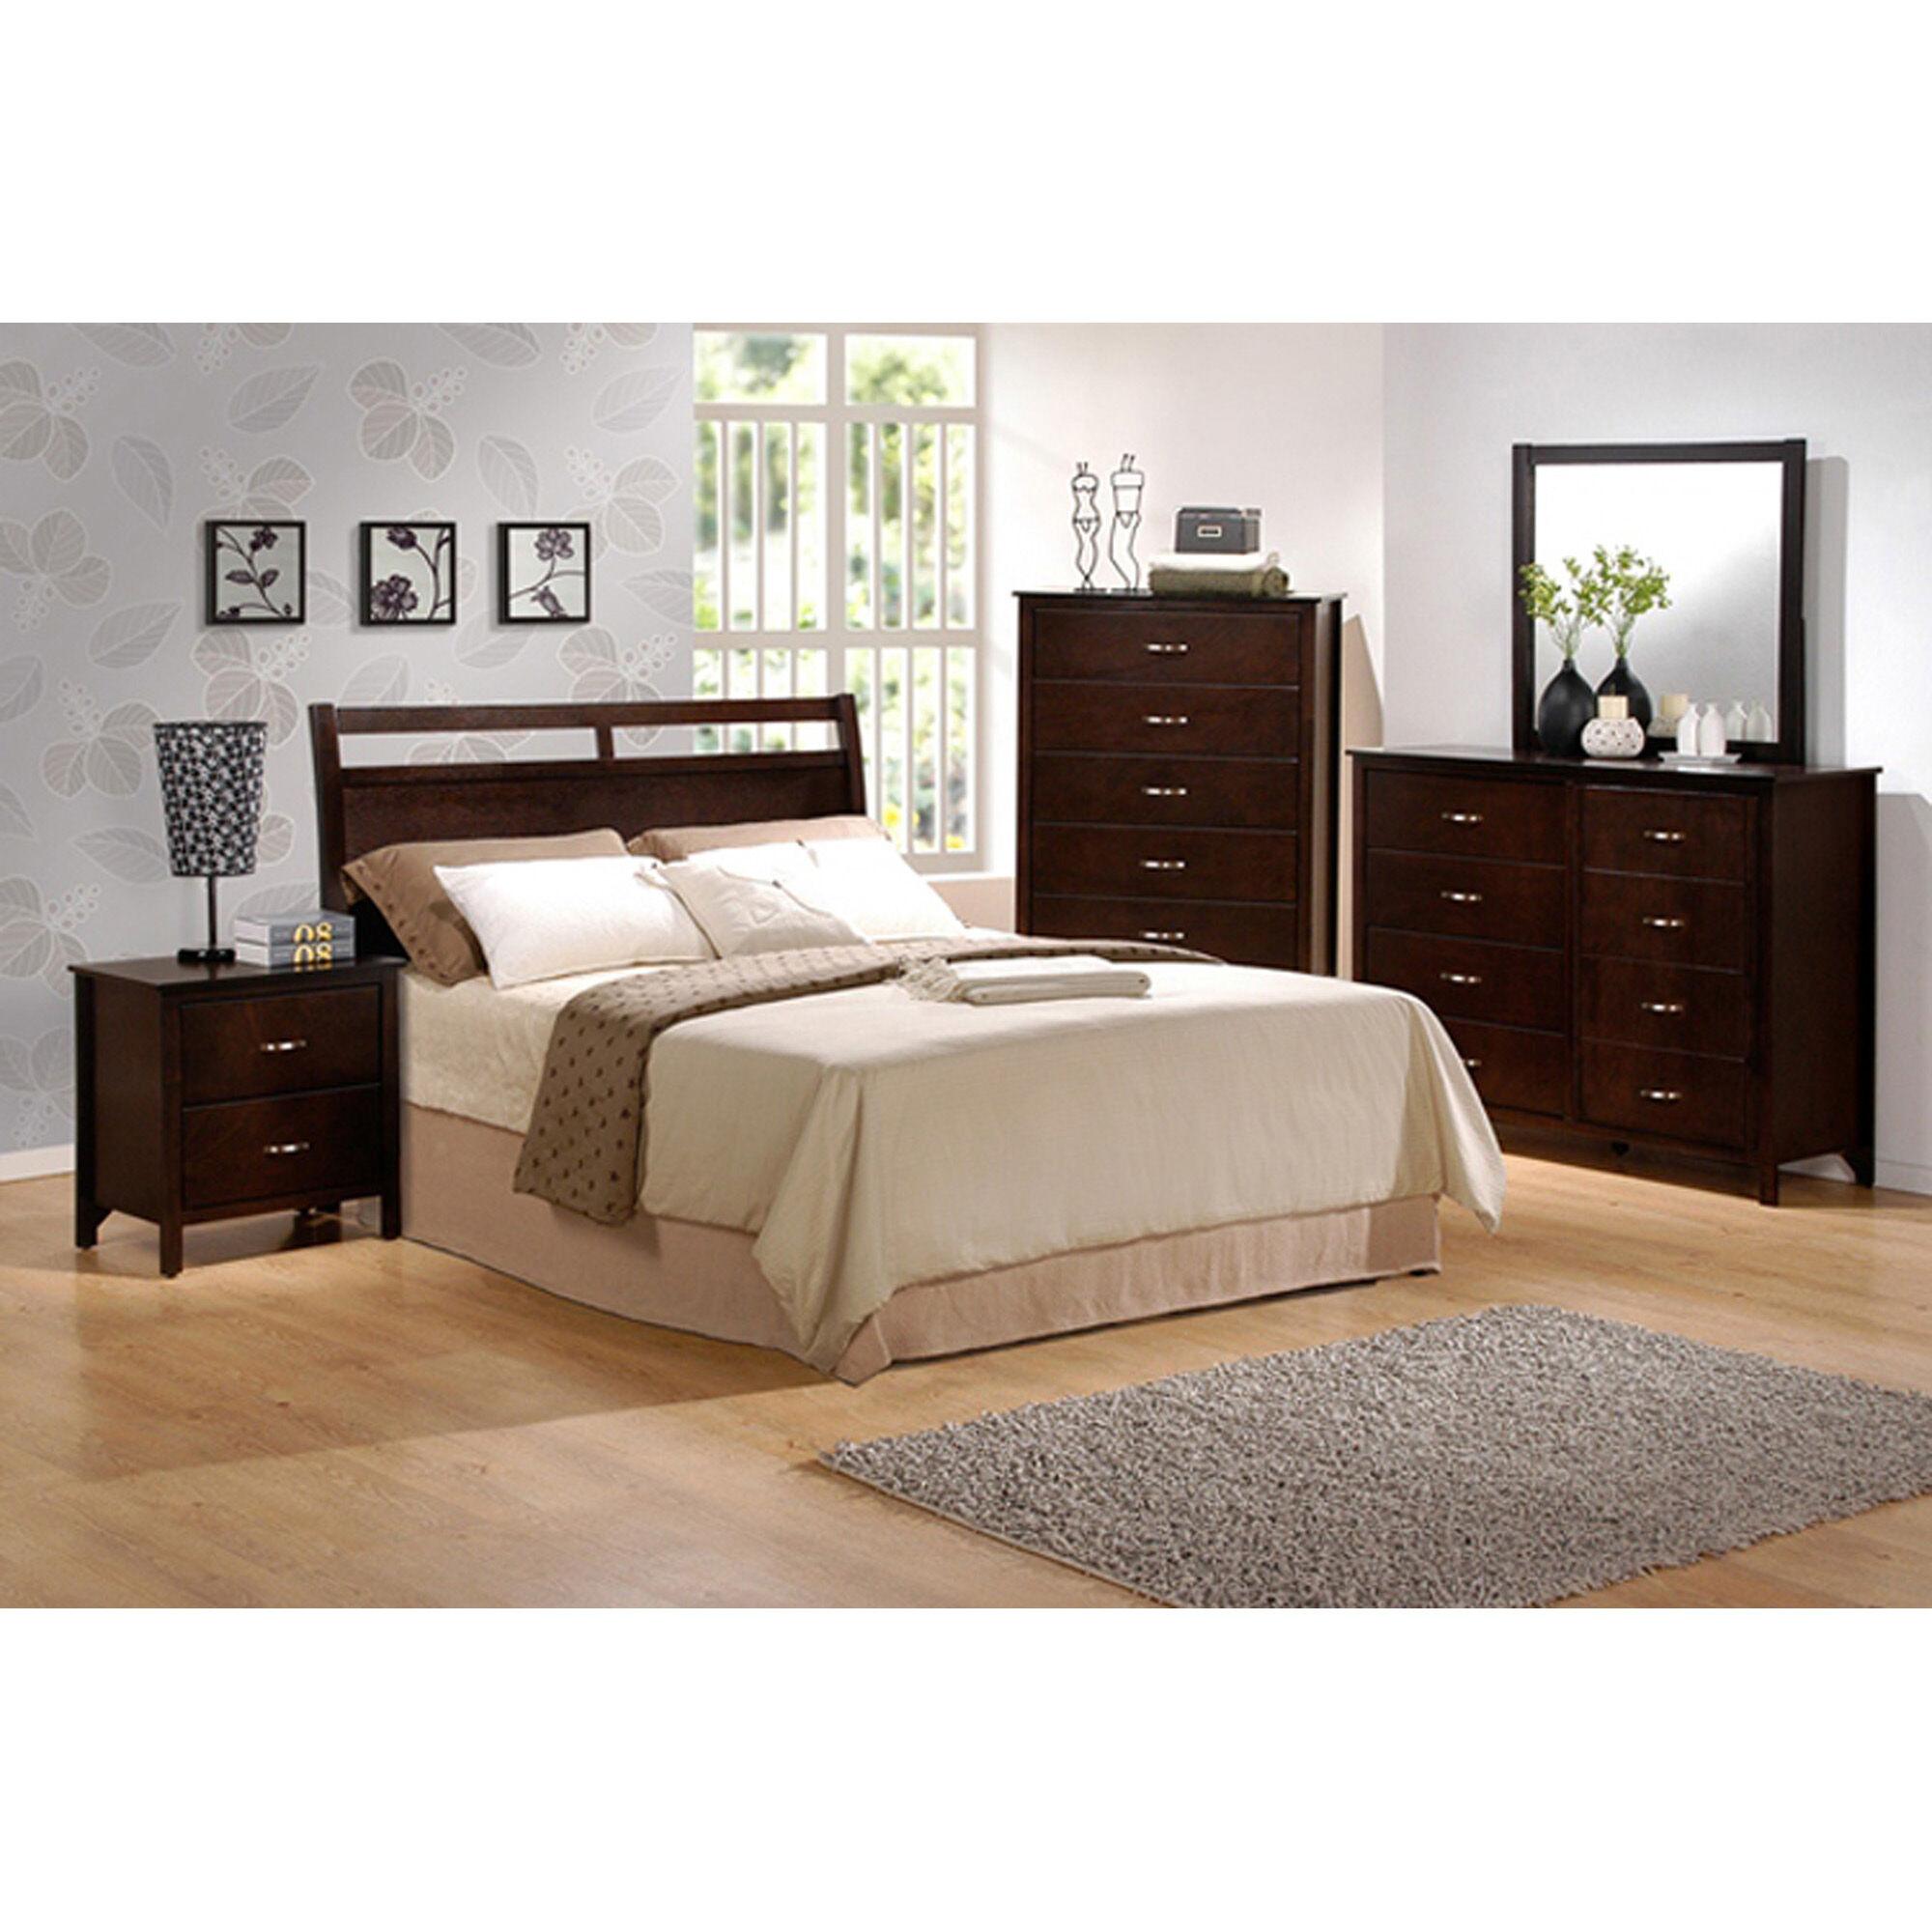 Rent To Own Bedroom Sets Aaron S